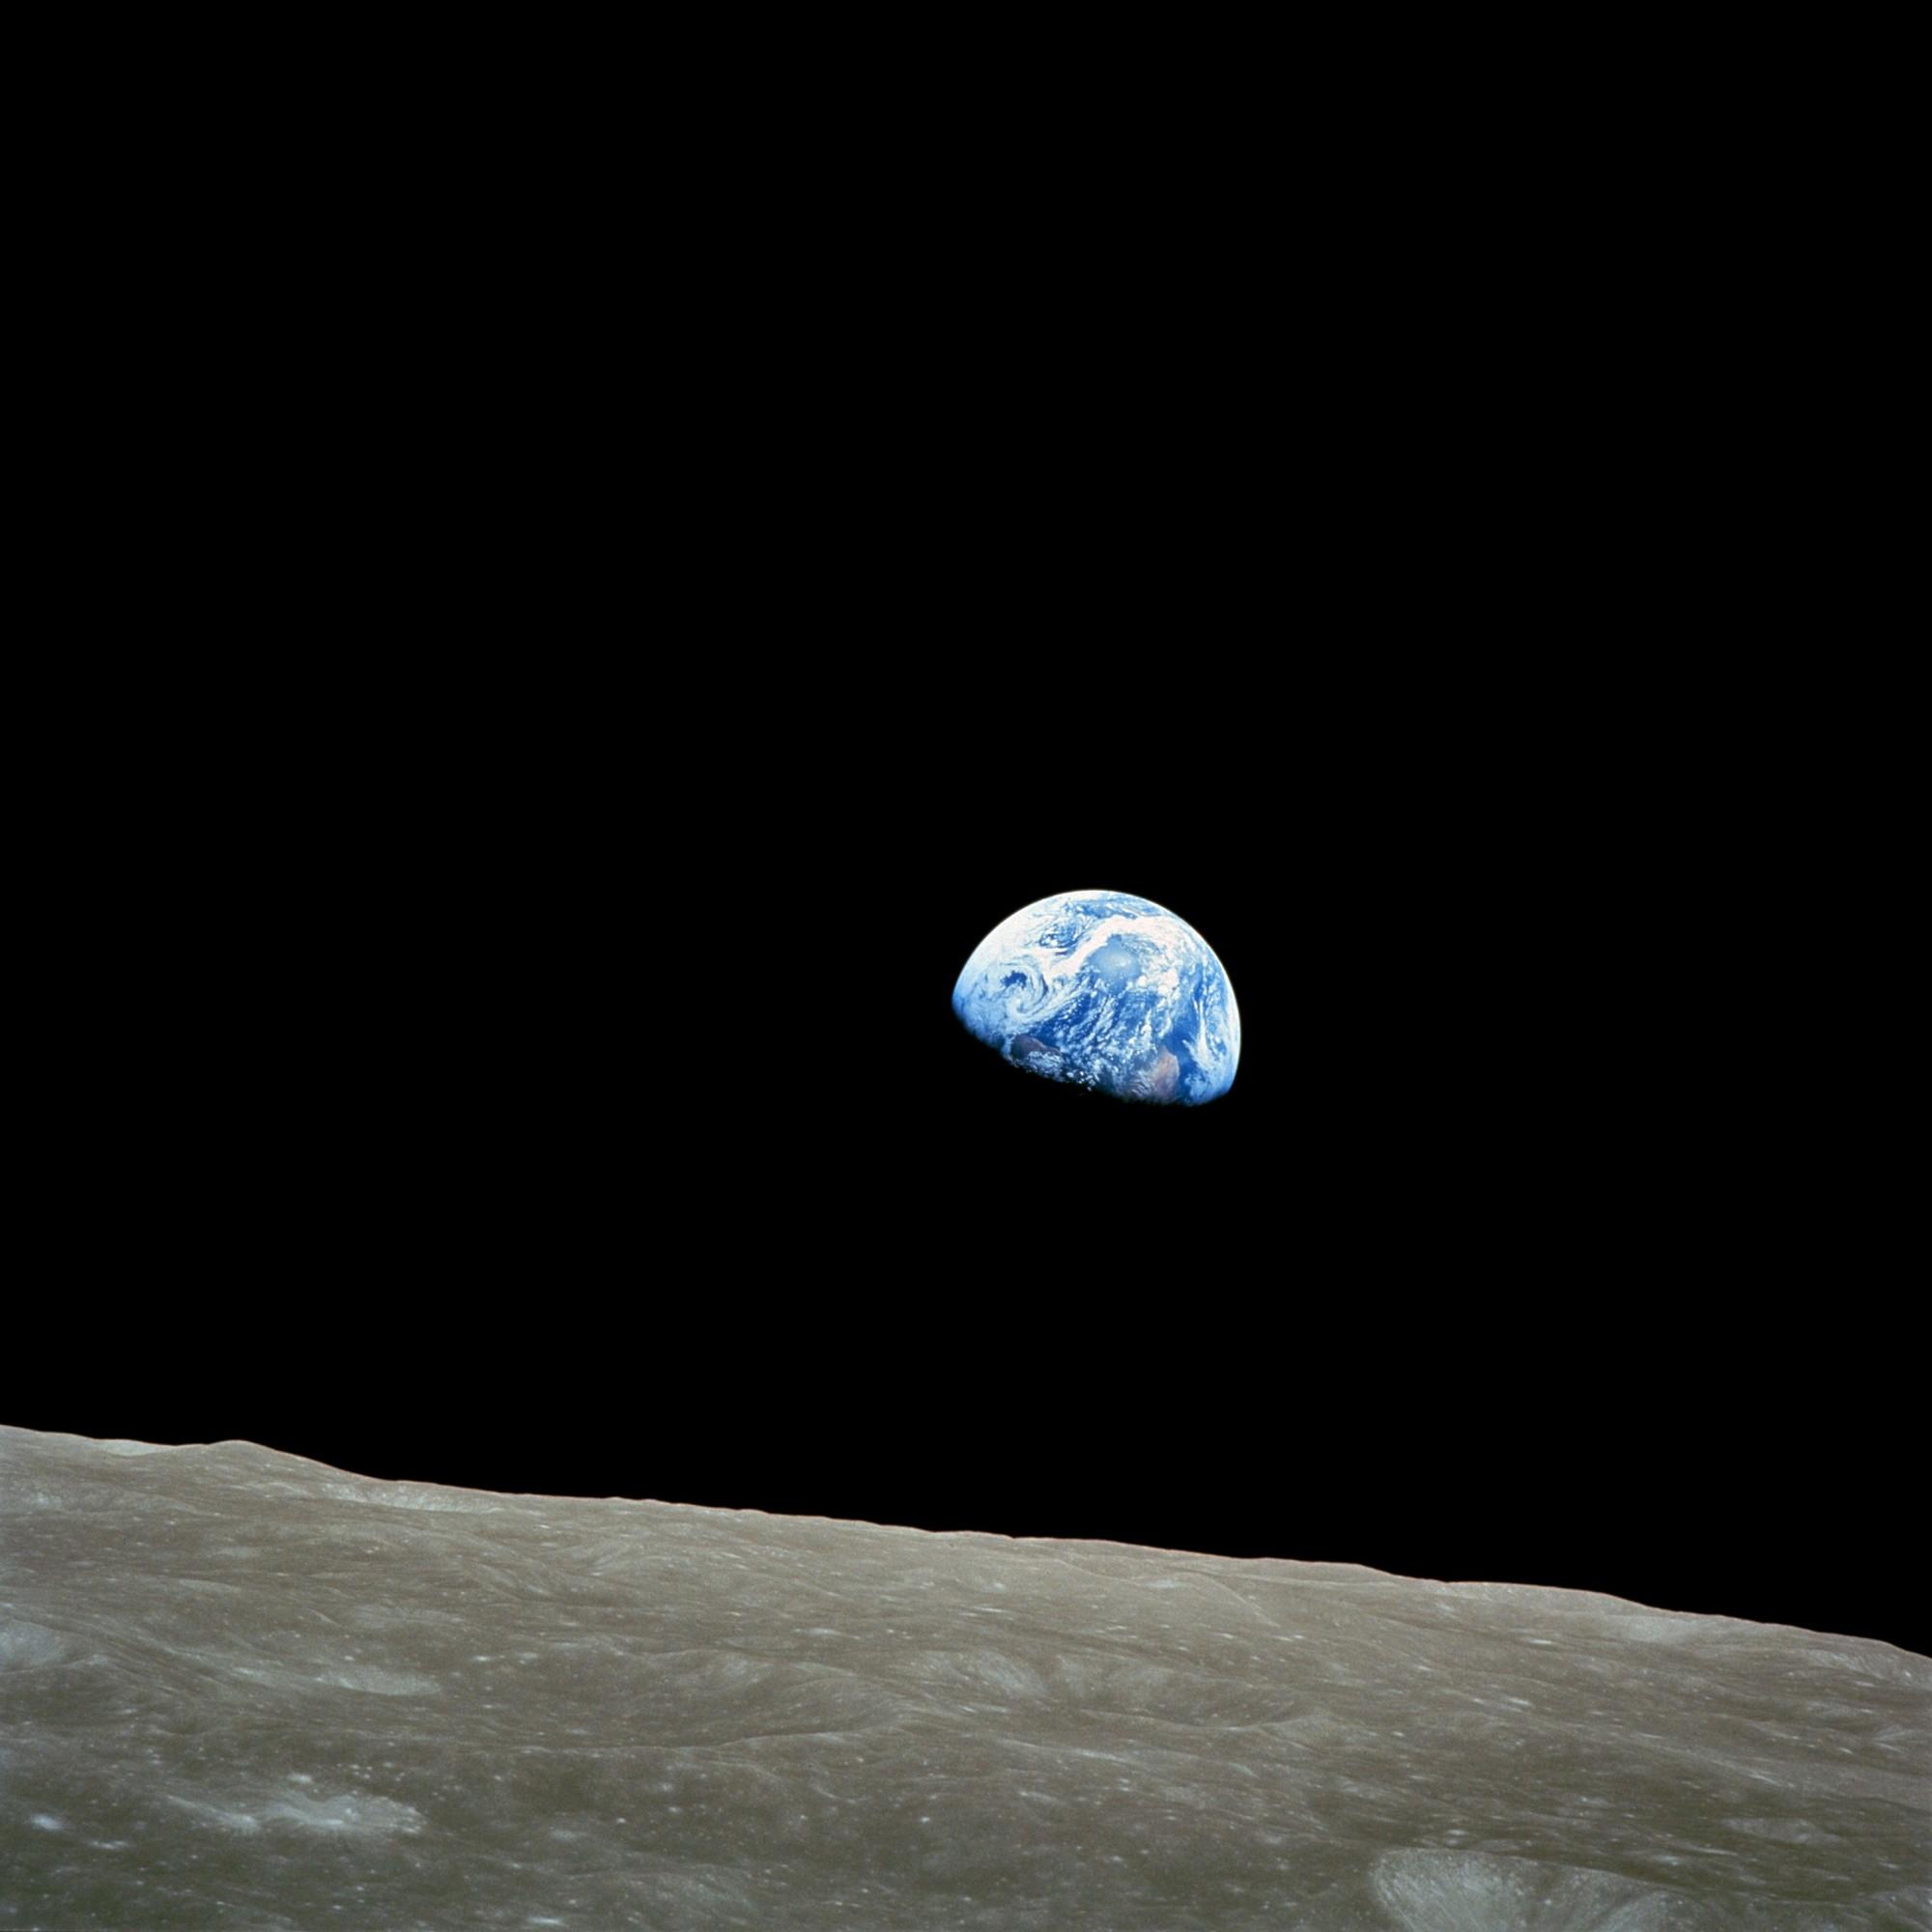 Os efeitos da humanidade no planeta vistos de cima